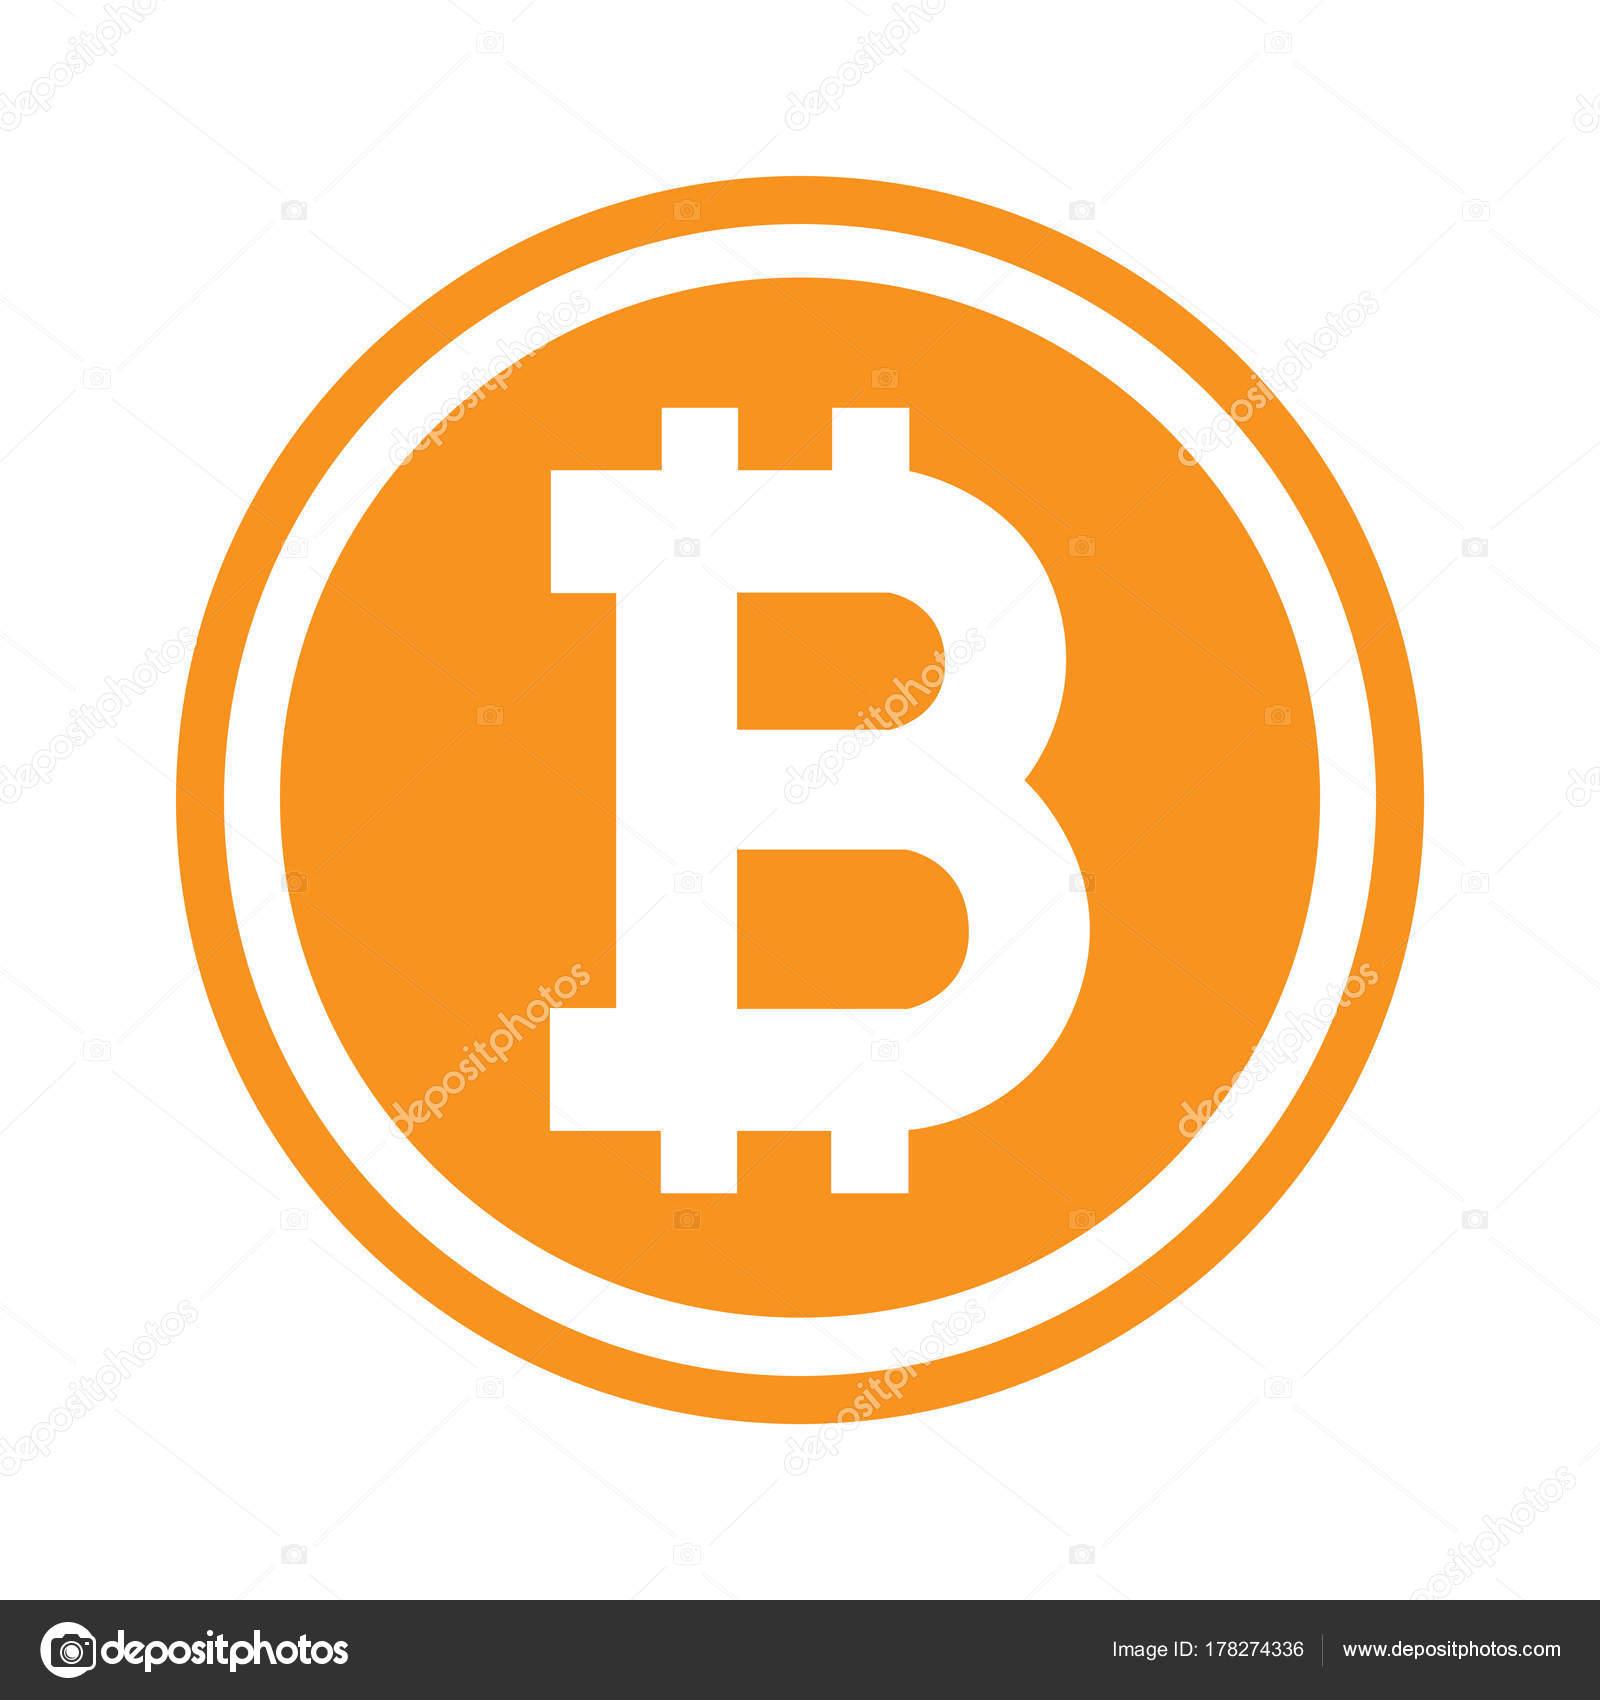 Smbolo bitcoin ilustrao vetor design plano crculo vetores de smbolo bitcoin ilustrao vetor design plano crculo vetores de stock ccuart Choice Image